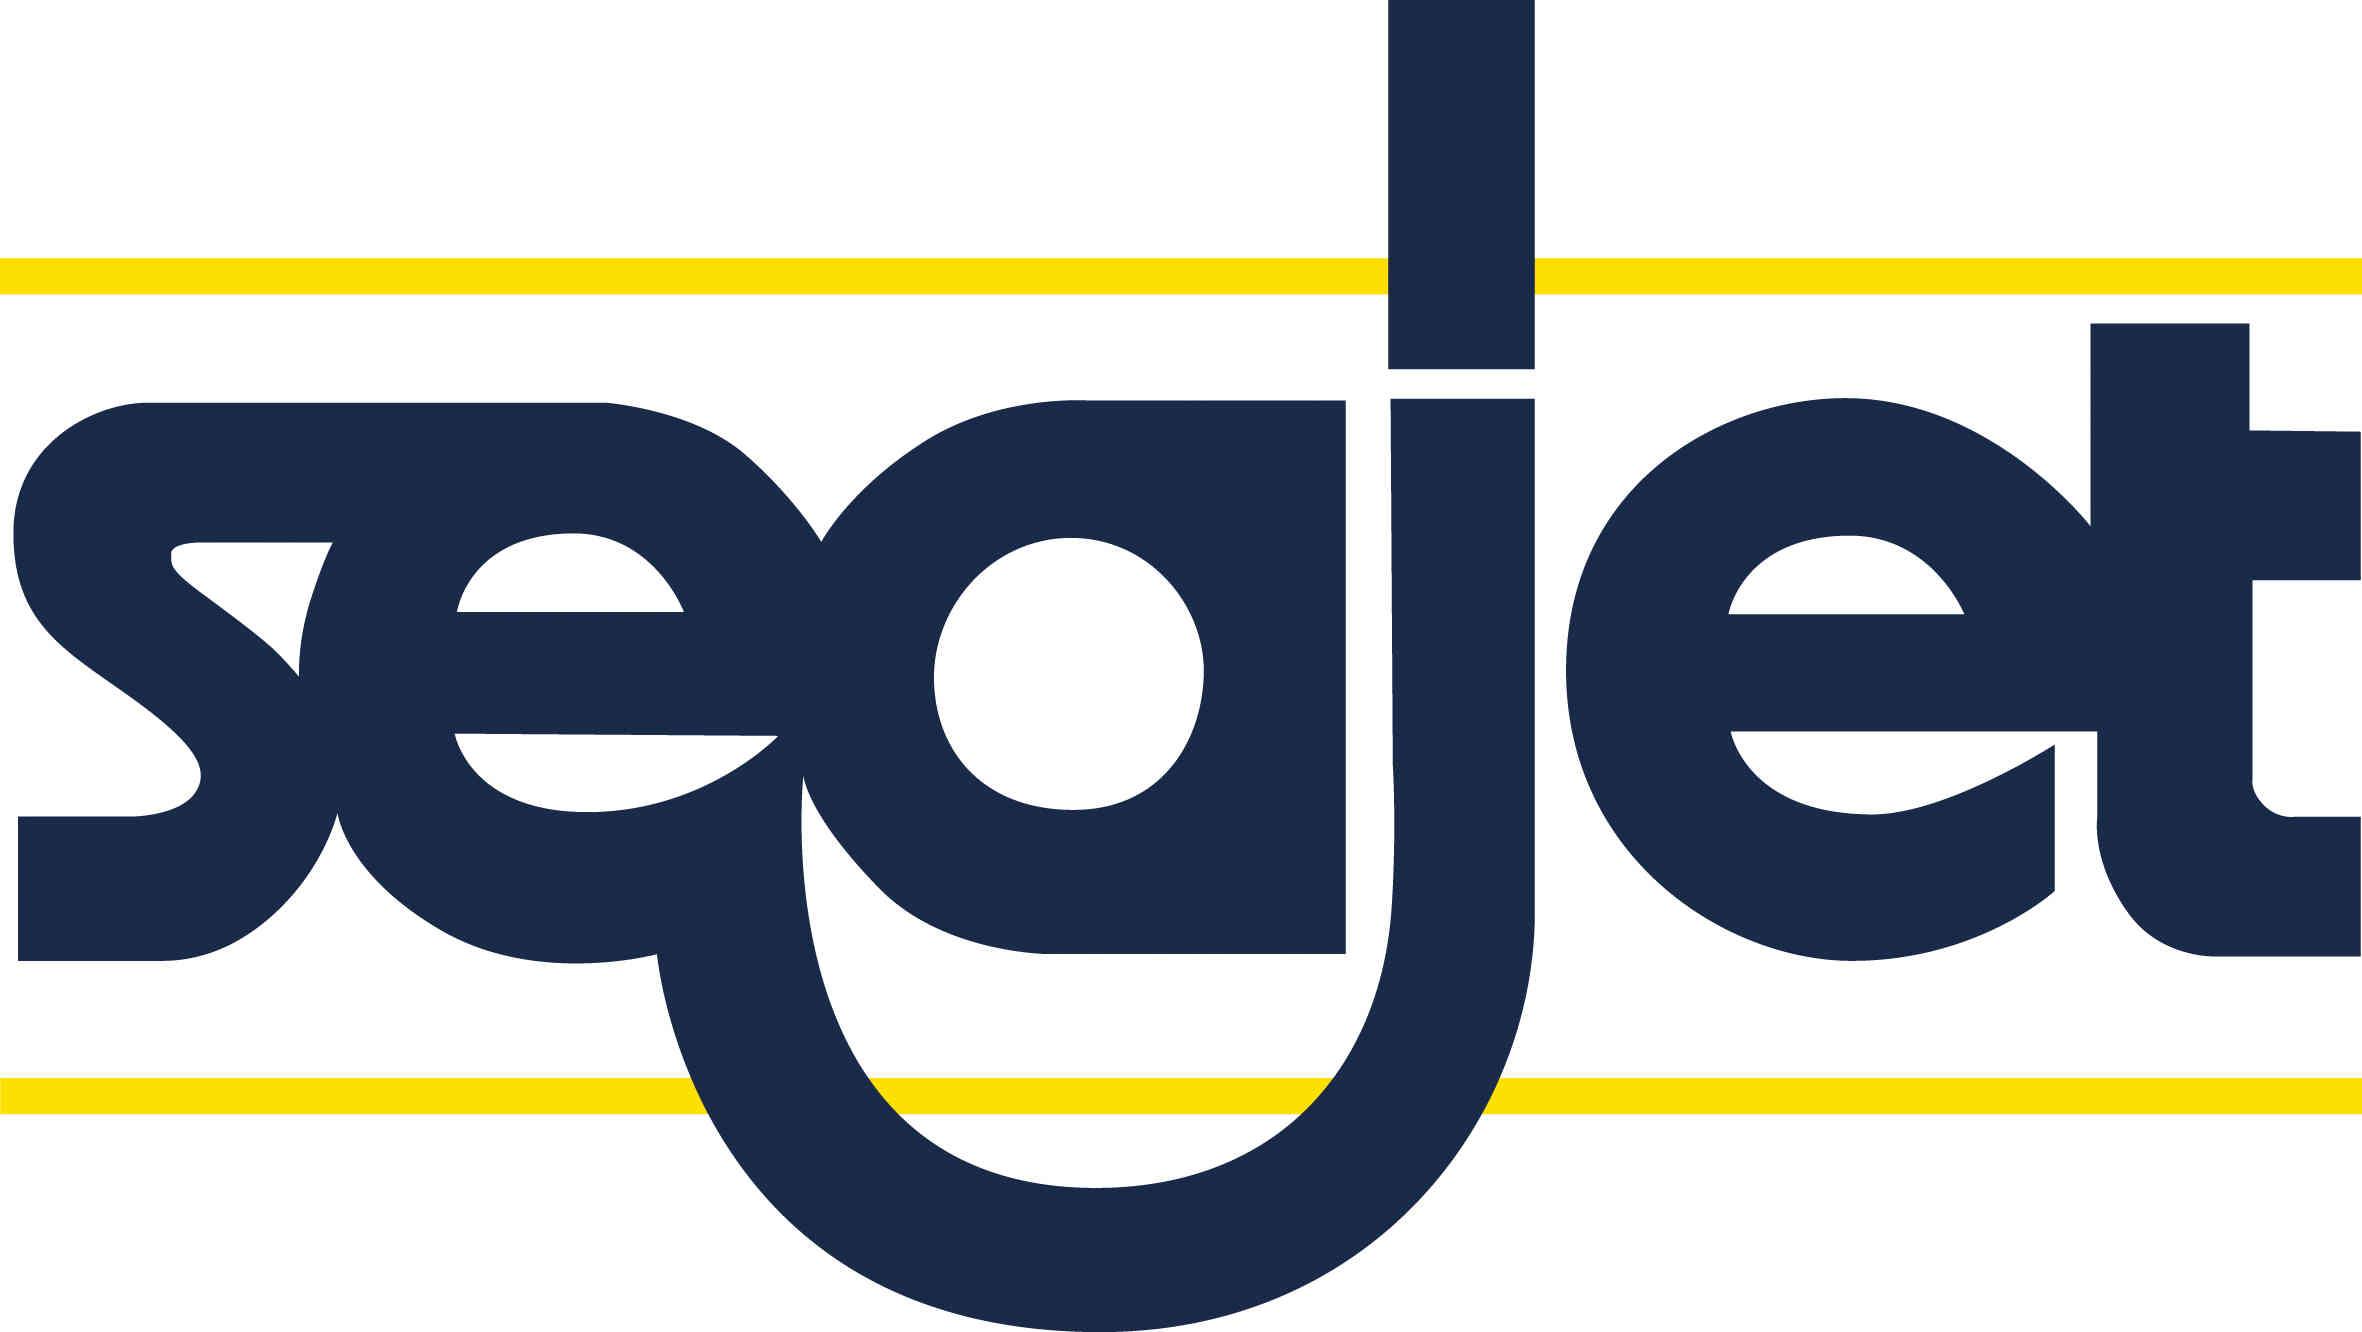 Seajet